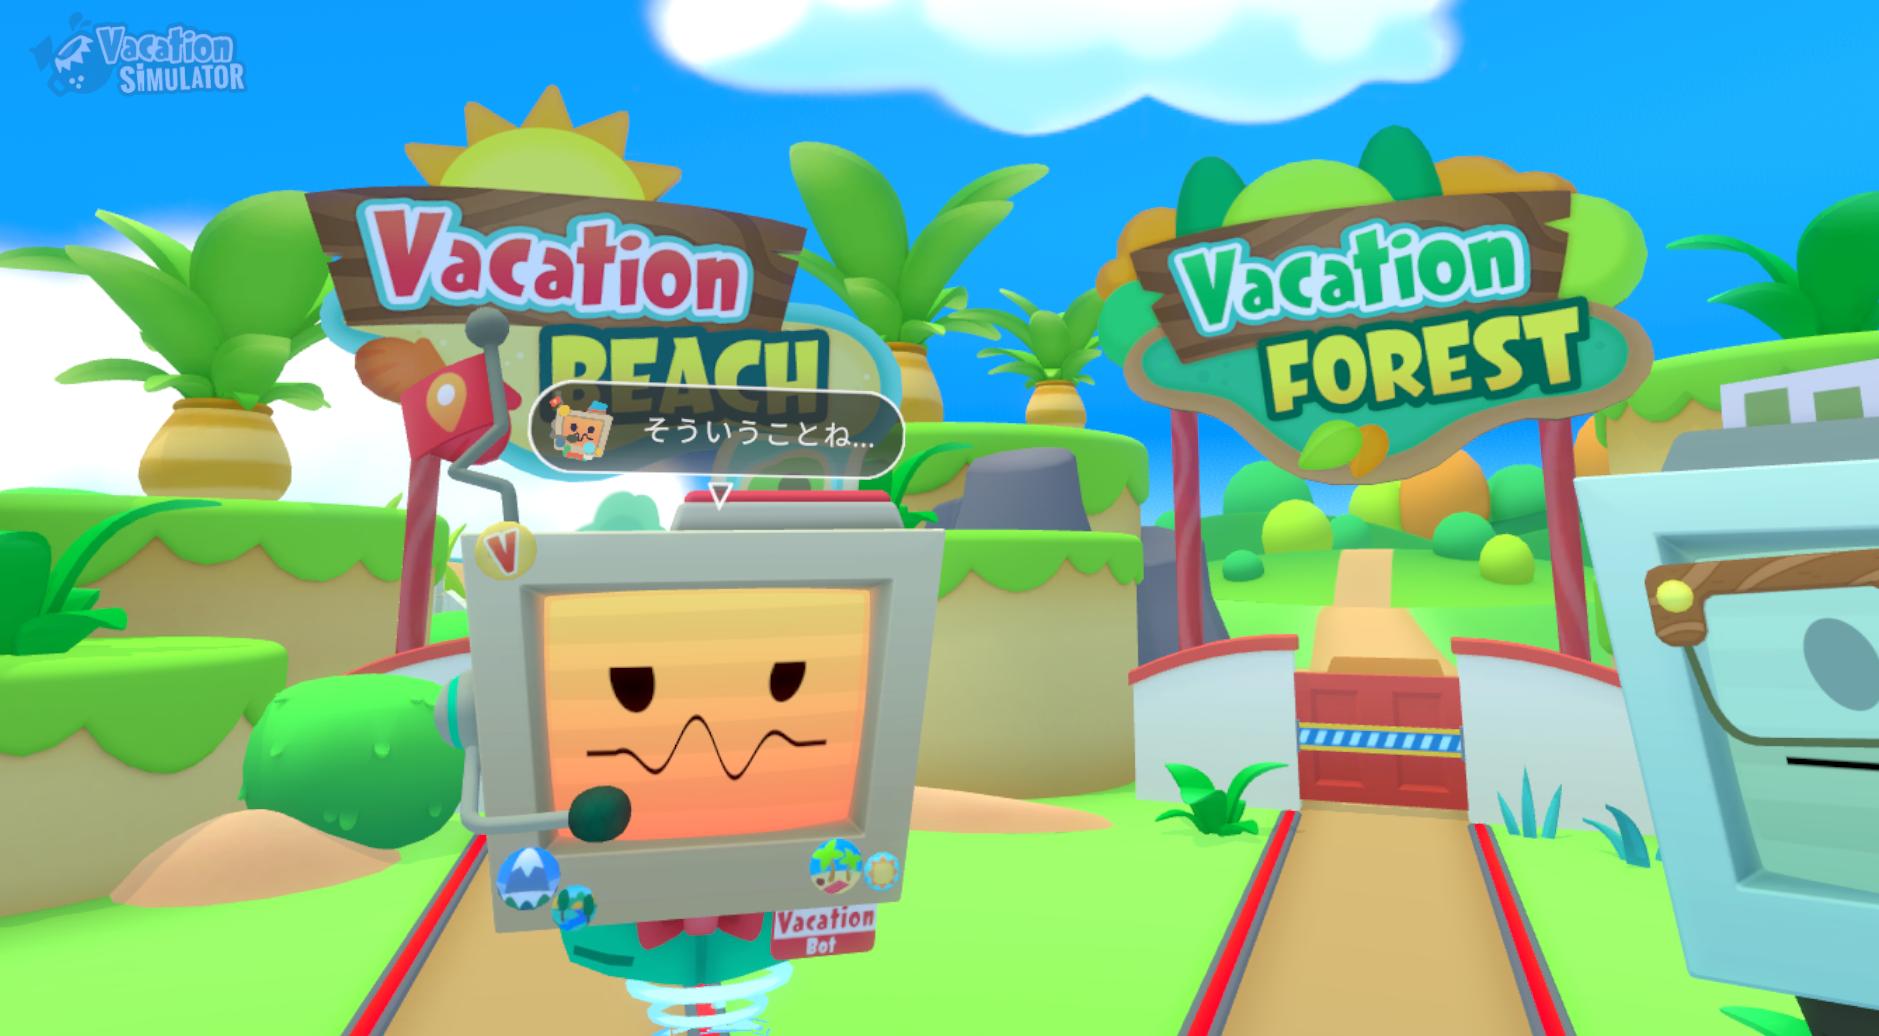 VRゲーム【Vacation Simulator】はOculus Quest2やPSVRなどで遊べる!